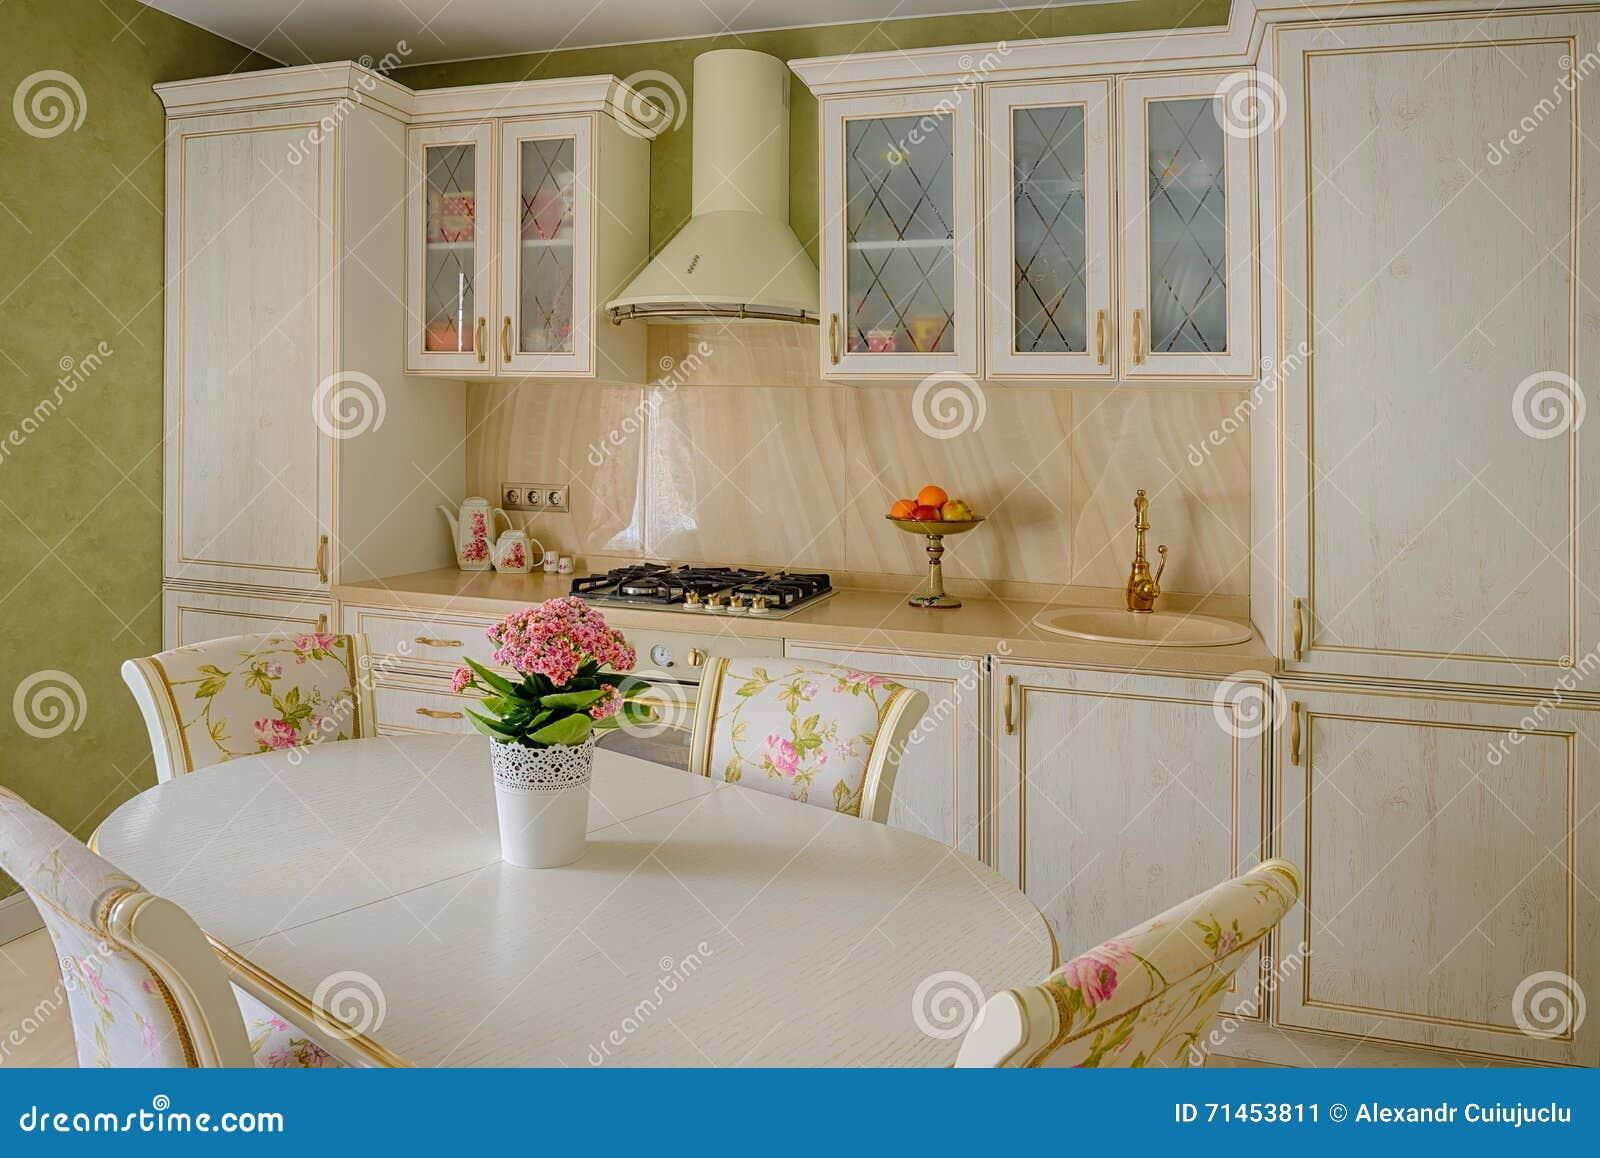 Stunning Colore Sala Da Pranzo Ideas - Idee Arredamento Casa ...